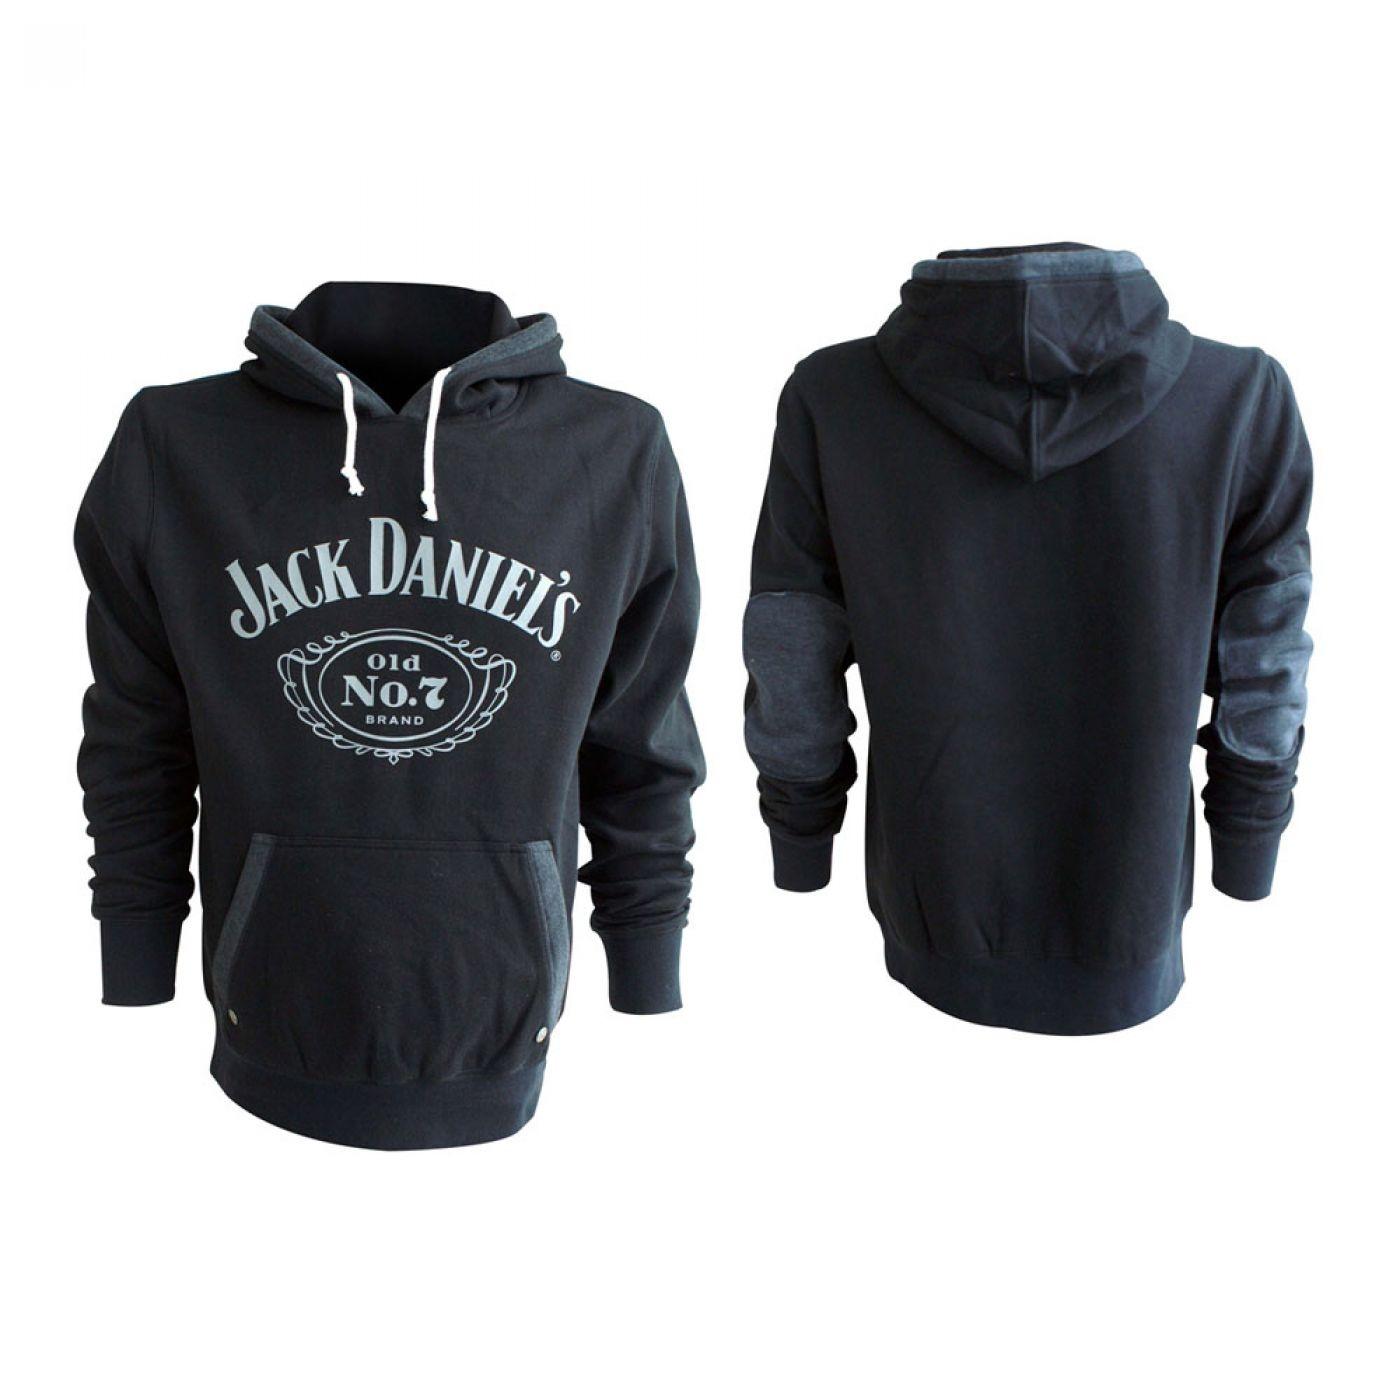 Jack Daniel's hoodie - JD hoody - white JD logo on black/grey hoodie